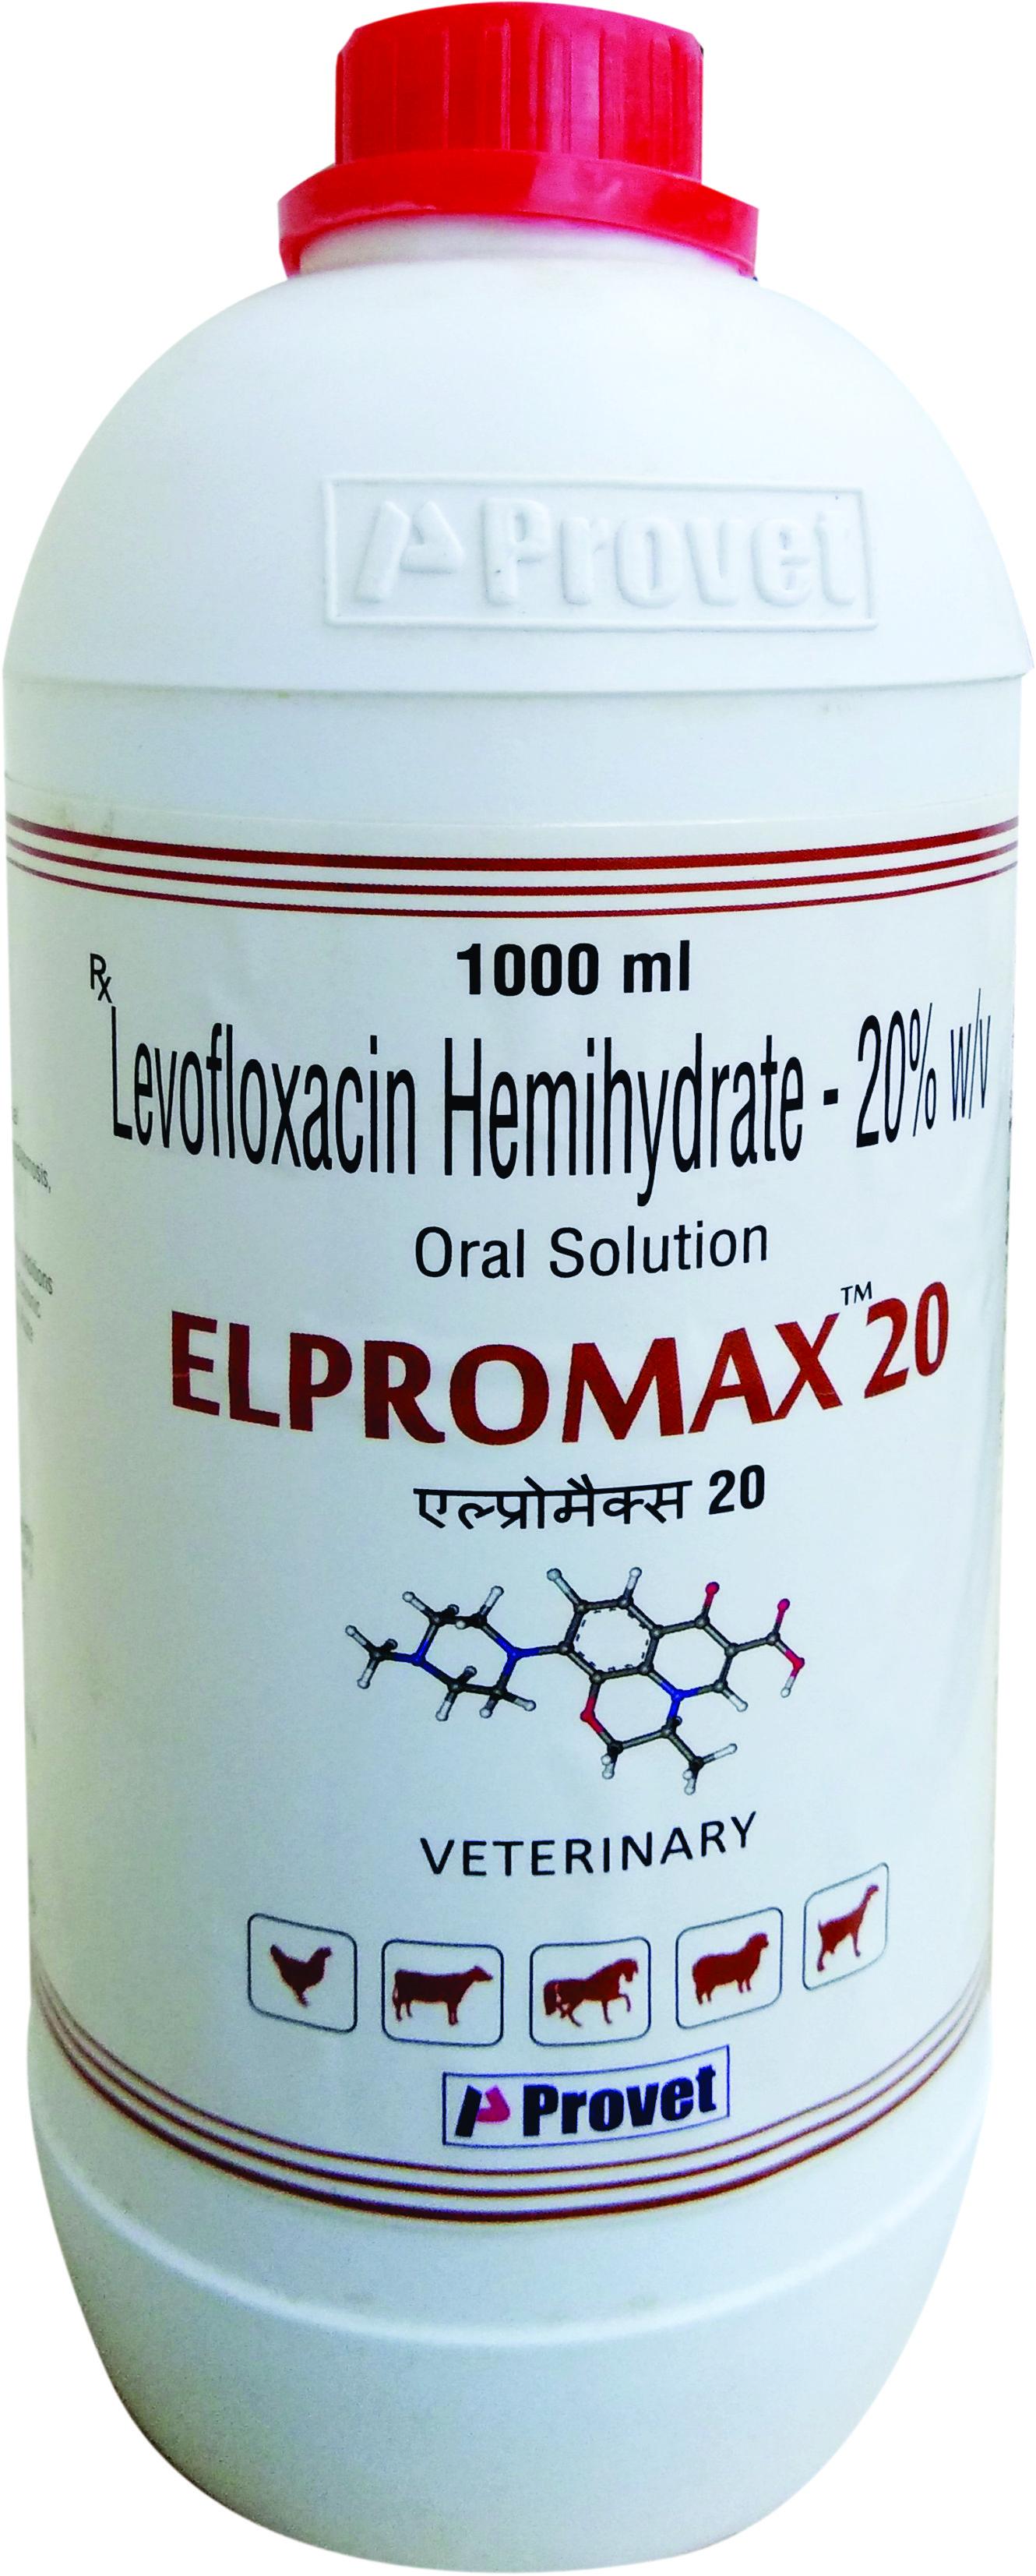 ELPROMAX 20